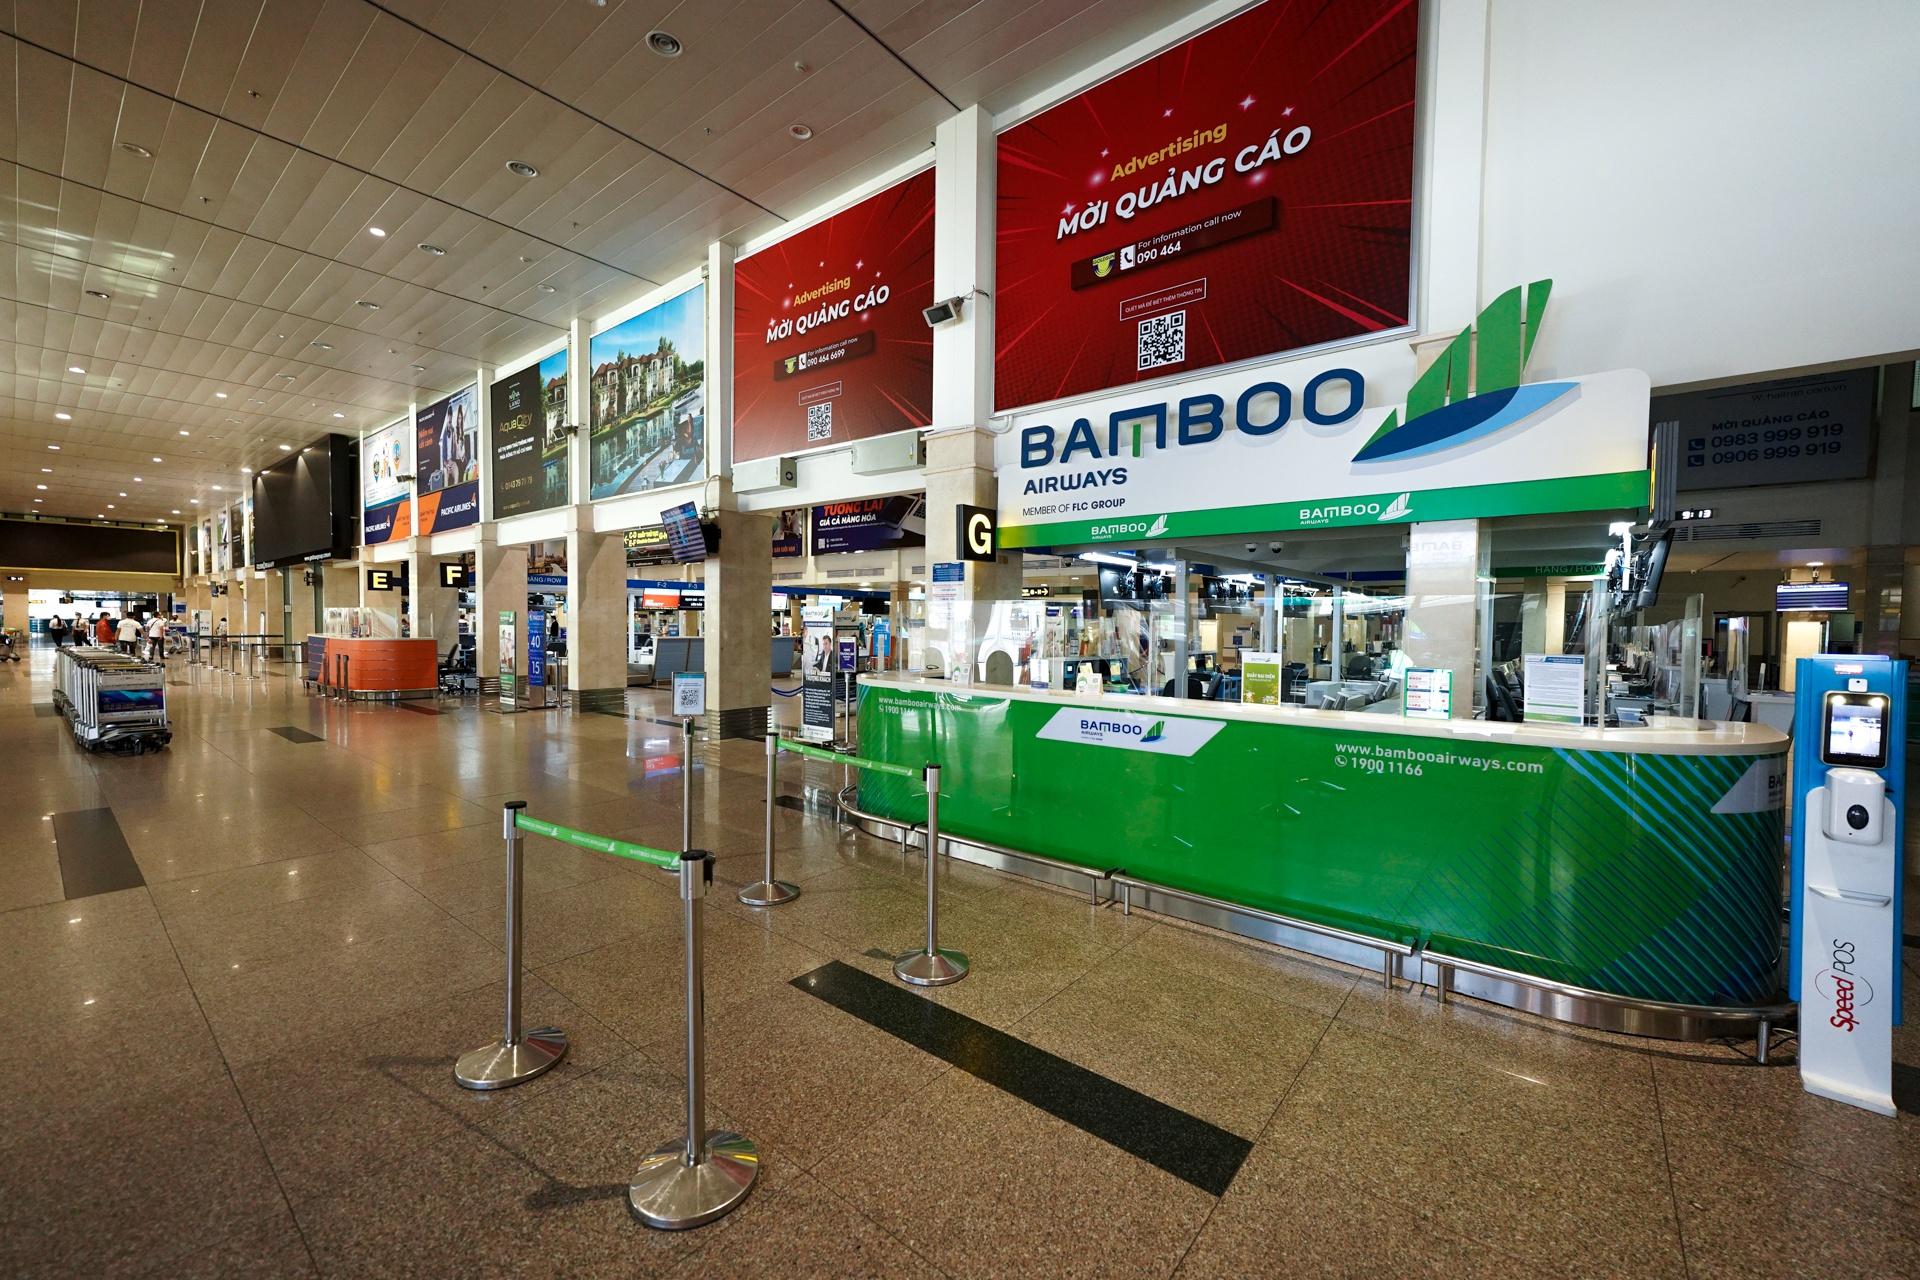 Chuyen bay thuong mai dau tien anh 8  - tsn_zing_4_ - Những hành khách đầu tiên bay thương mại từ TP.HCM sau dịch